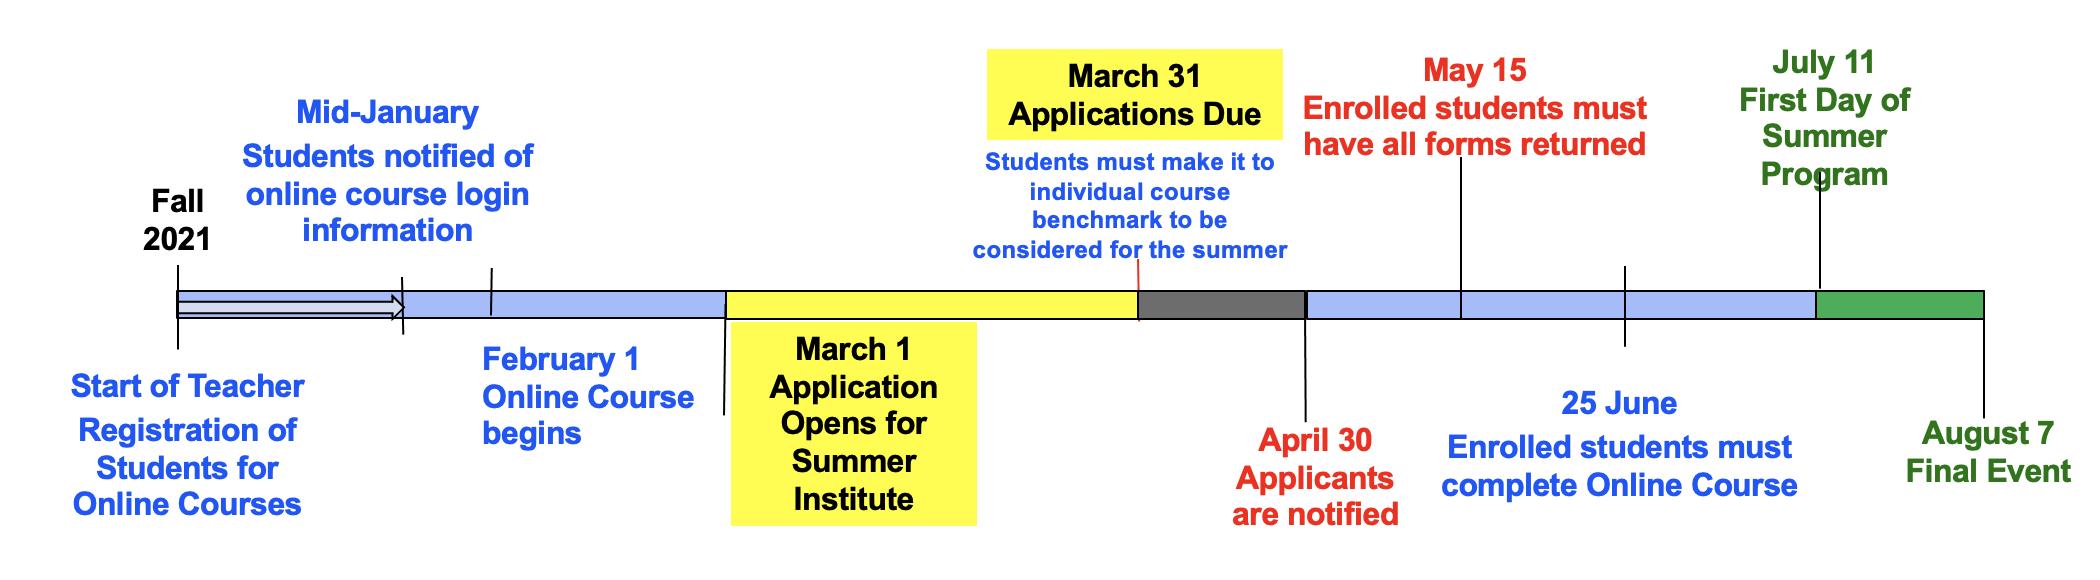 Summer Program Timeline